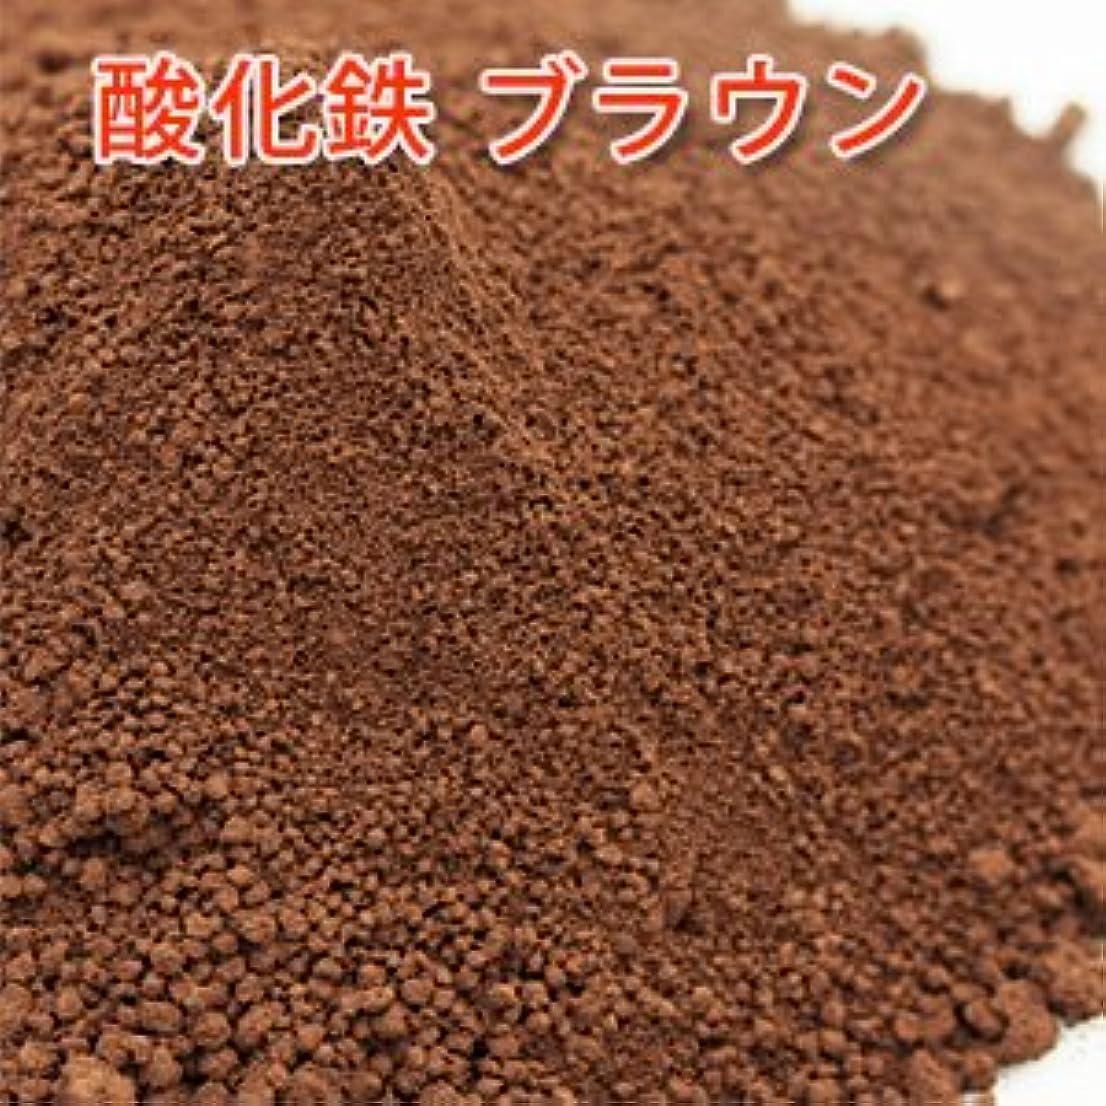 堂々たる送る腸酸化鉄 ブラウン 5g 【手作り石鹸/手作りコスメ/色付け/カラーラント/茶】